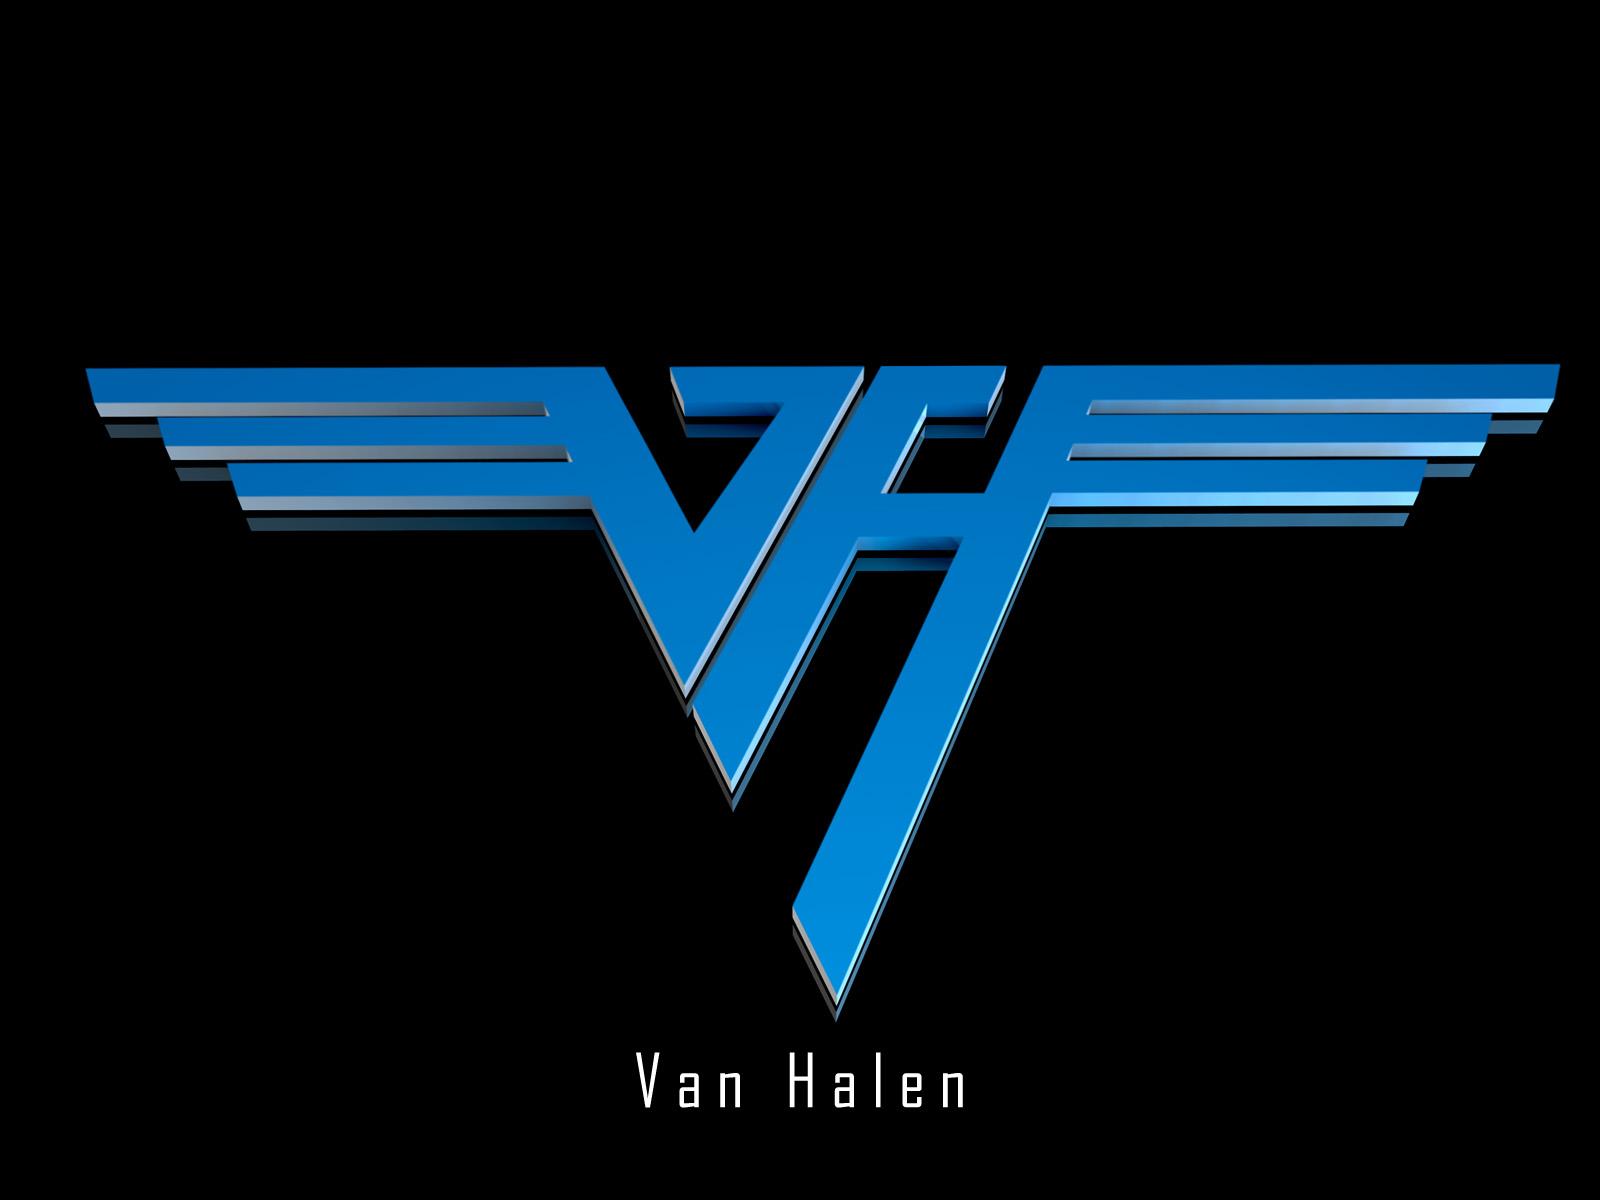 Van Halen   Wallpaper   Taringa 1600x1200